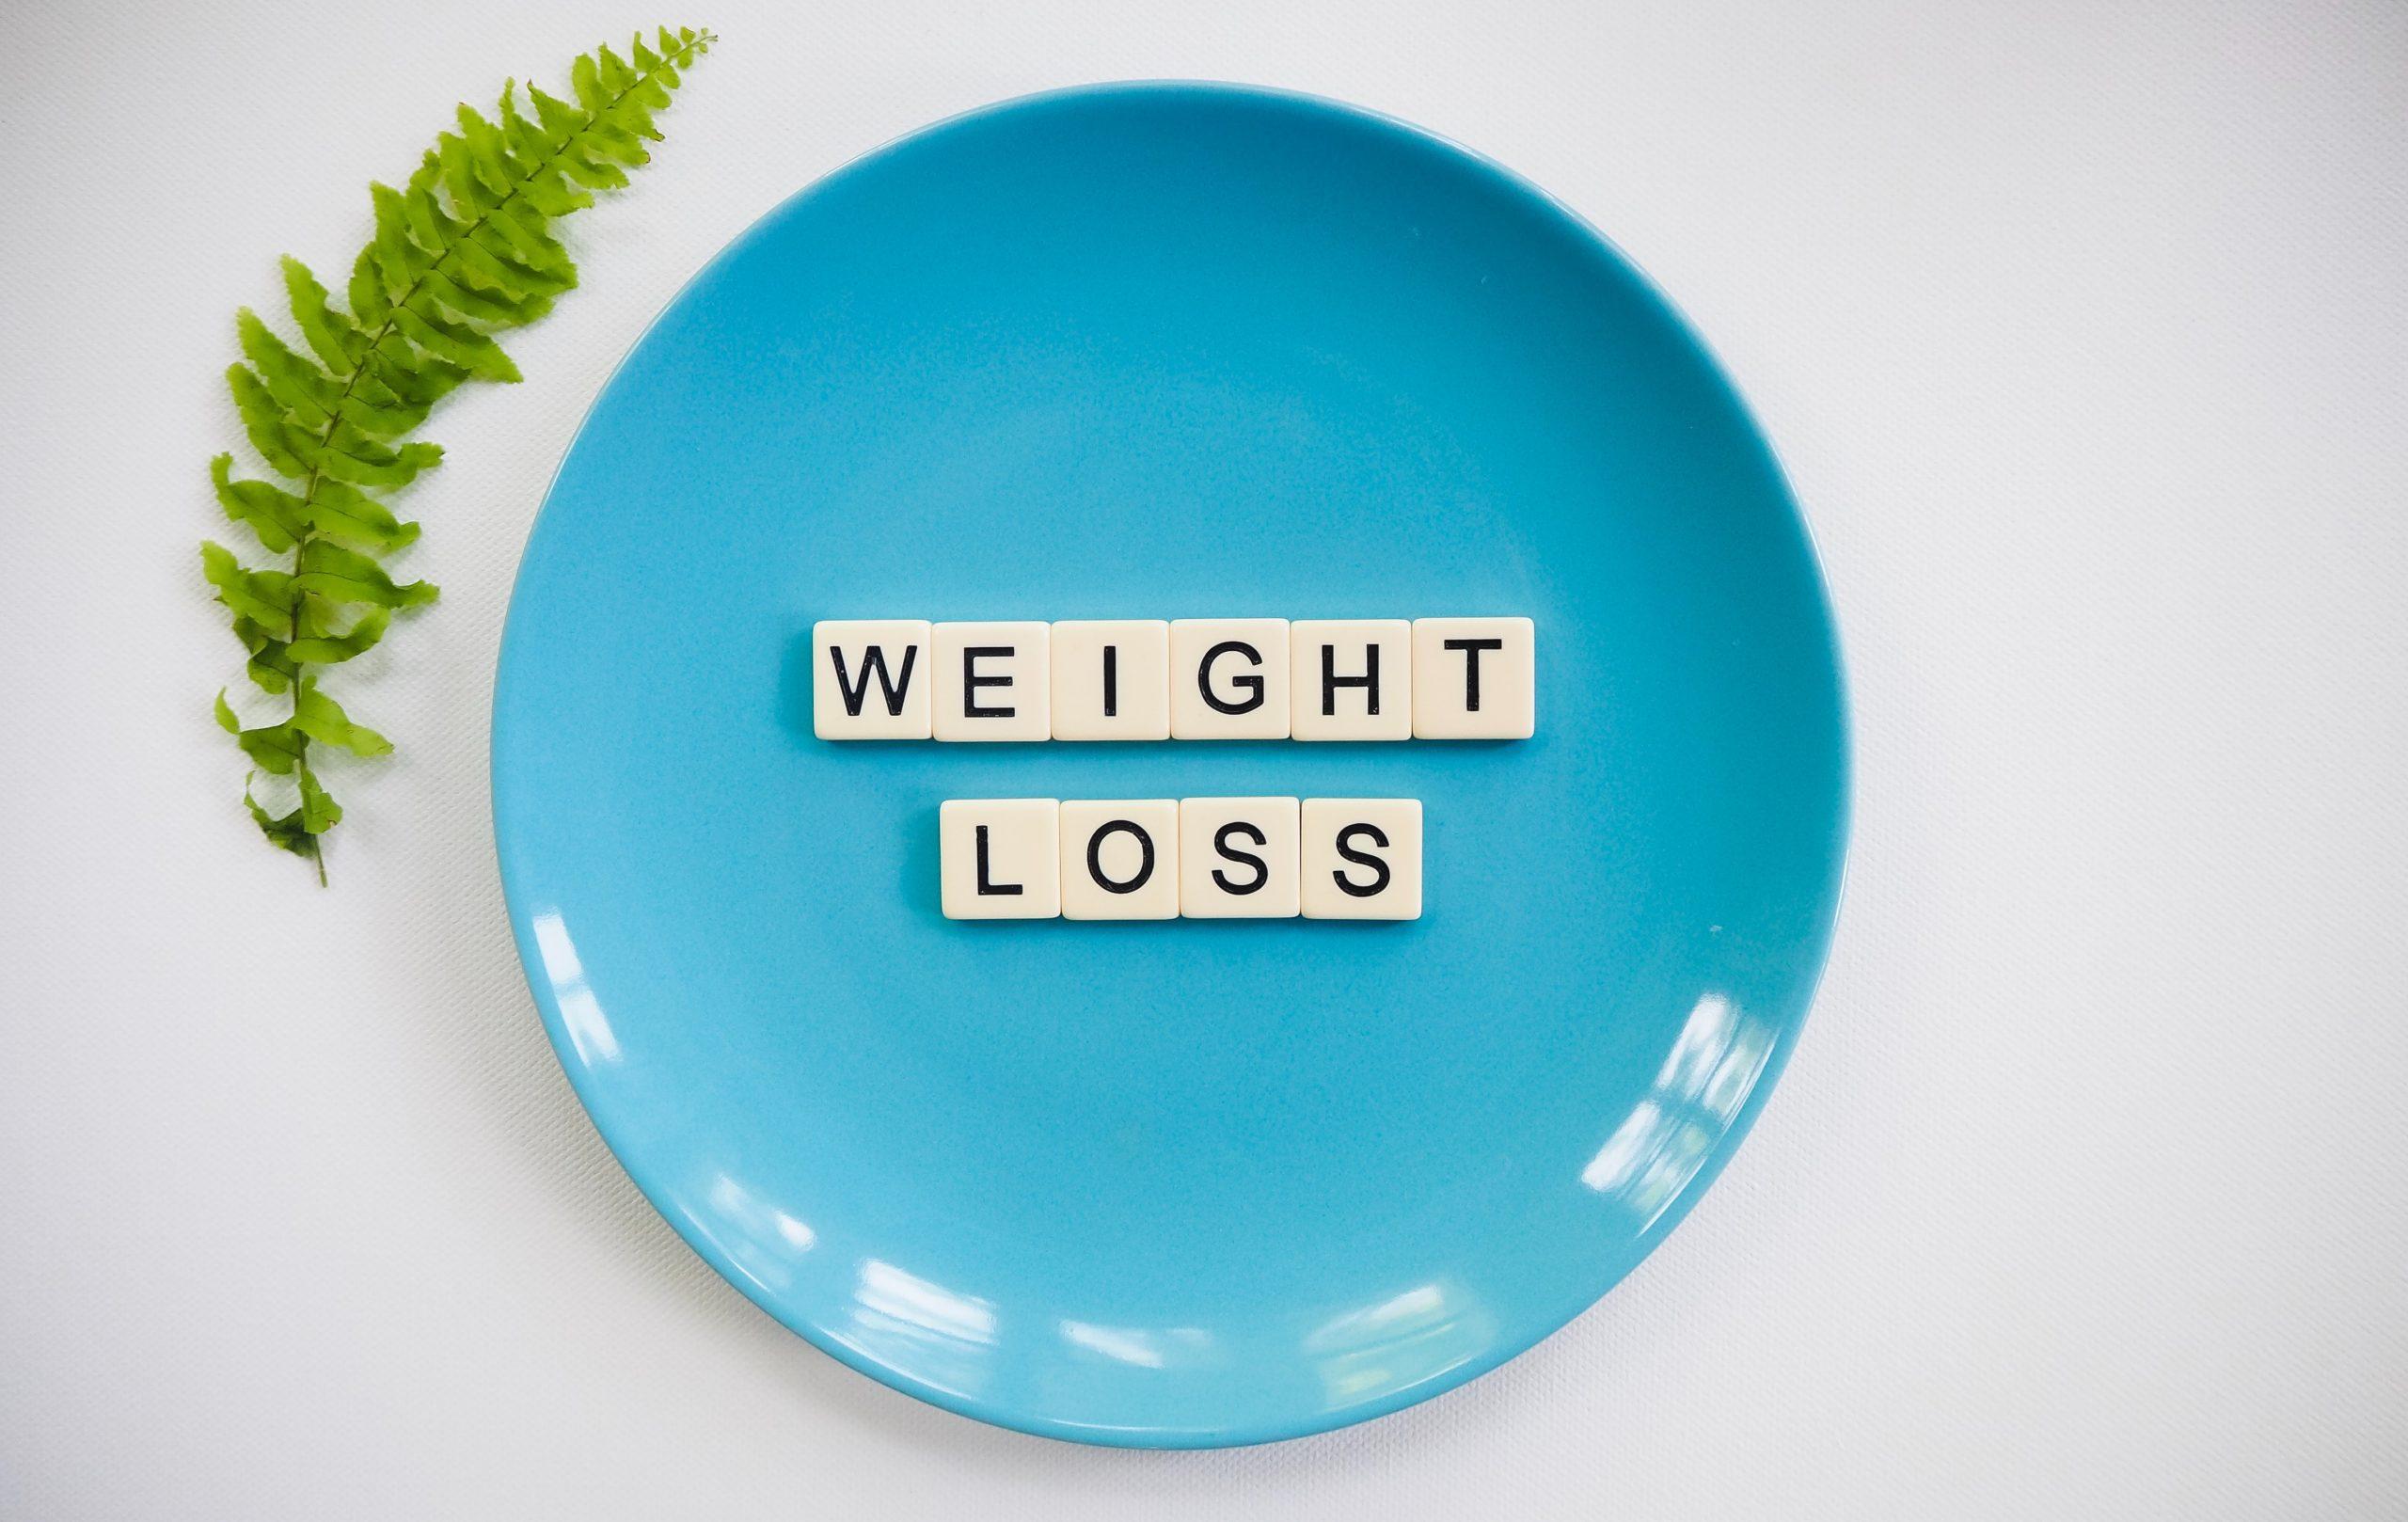 weight loss, dish